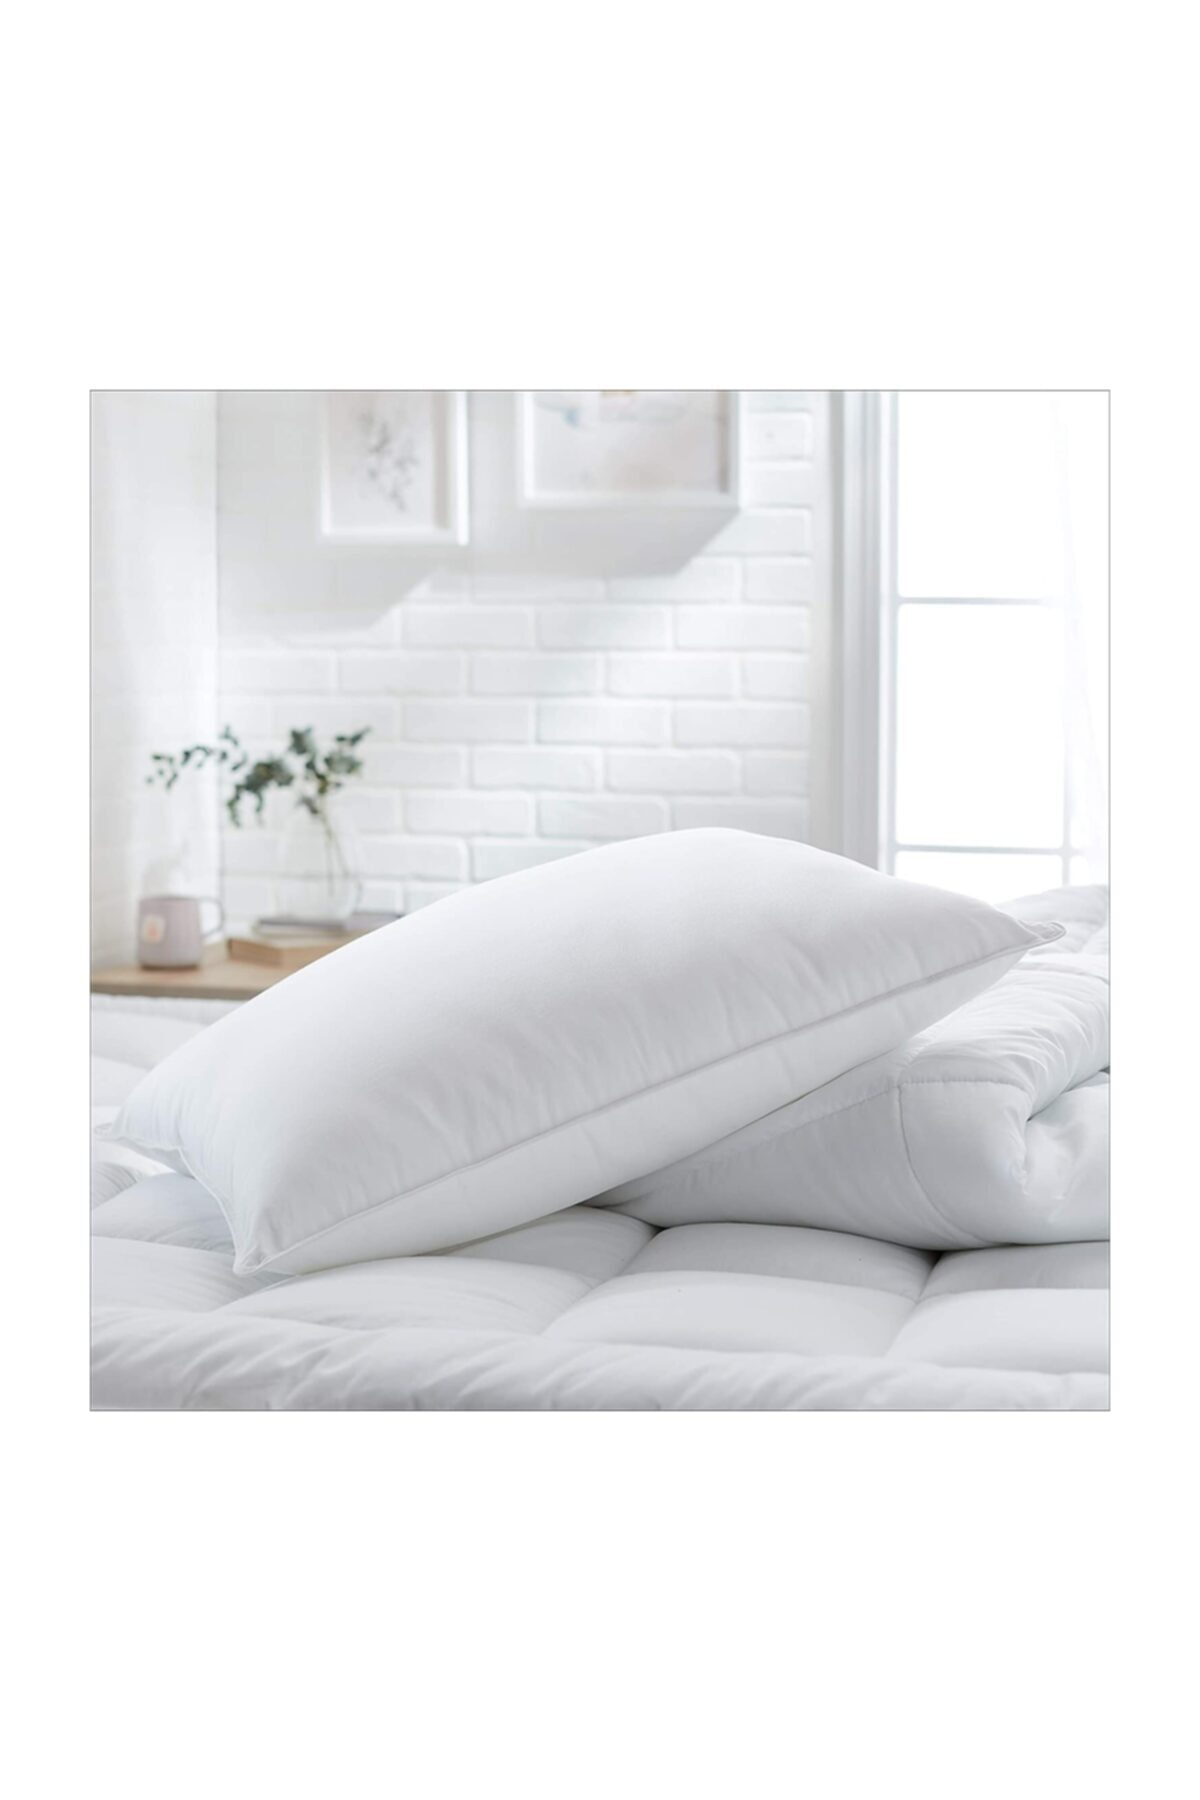 50x70 سنتيمتر مستطيلة وسادة إدراج لينة PP القطن السرير سيارة أريكة كرسي رمي وسادة الأساسية الداخلية مقعد ملء ديكور المنزل ، السيليكون